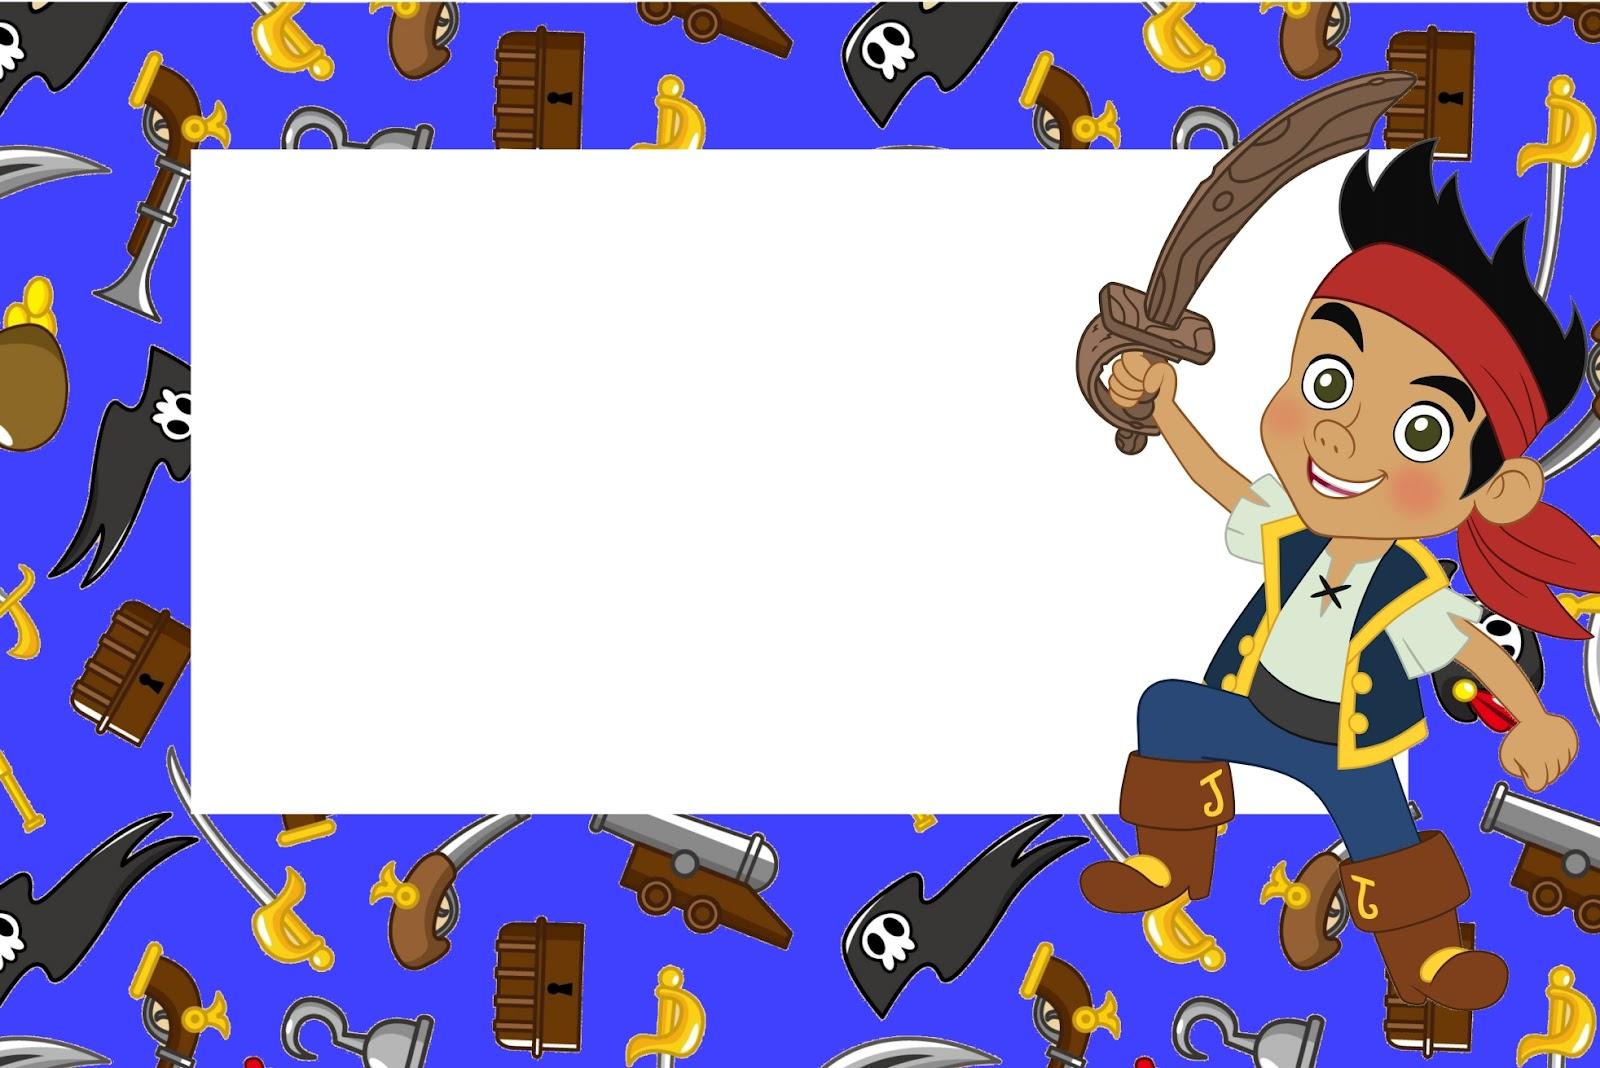 Jake e os Piratas da Terra do Nunca - Kit Completo com molduras para convites, rótulos para ...